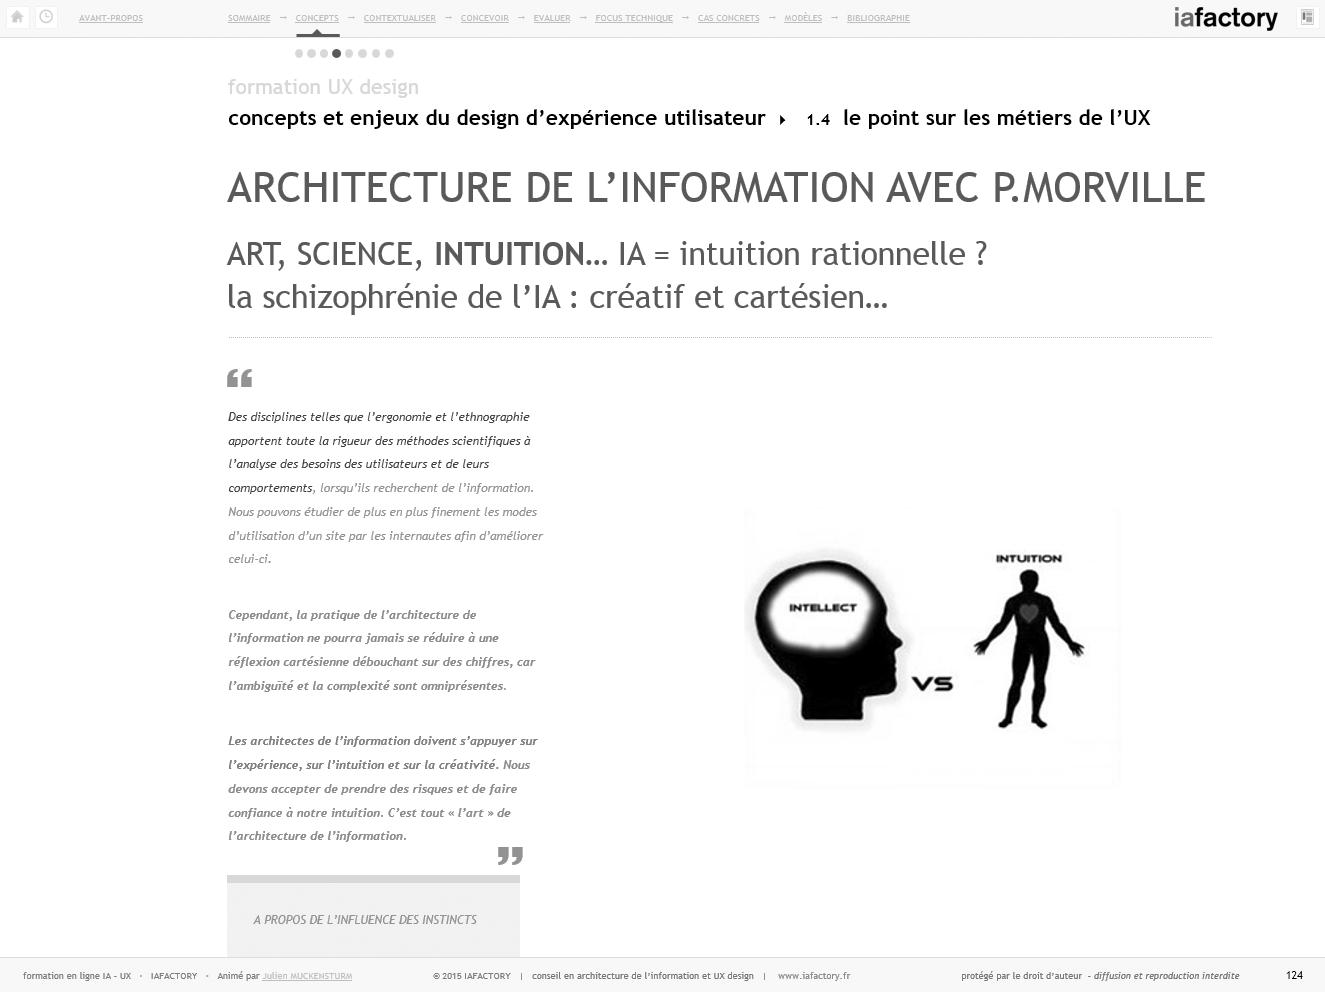 architecture de l'information - intuition et rigueur